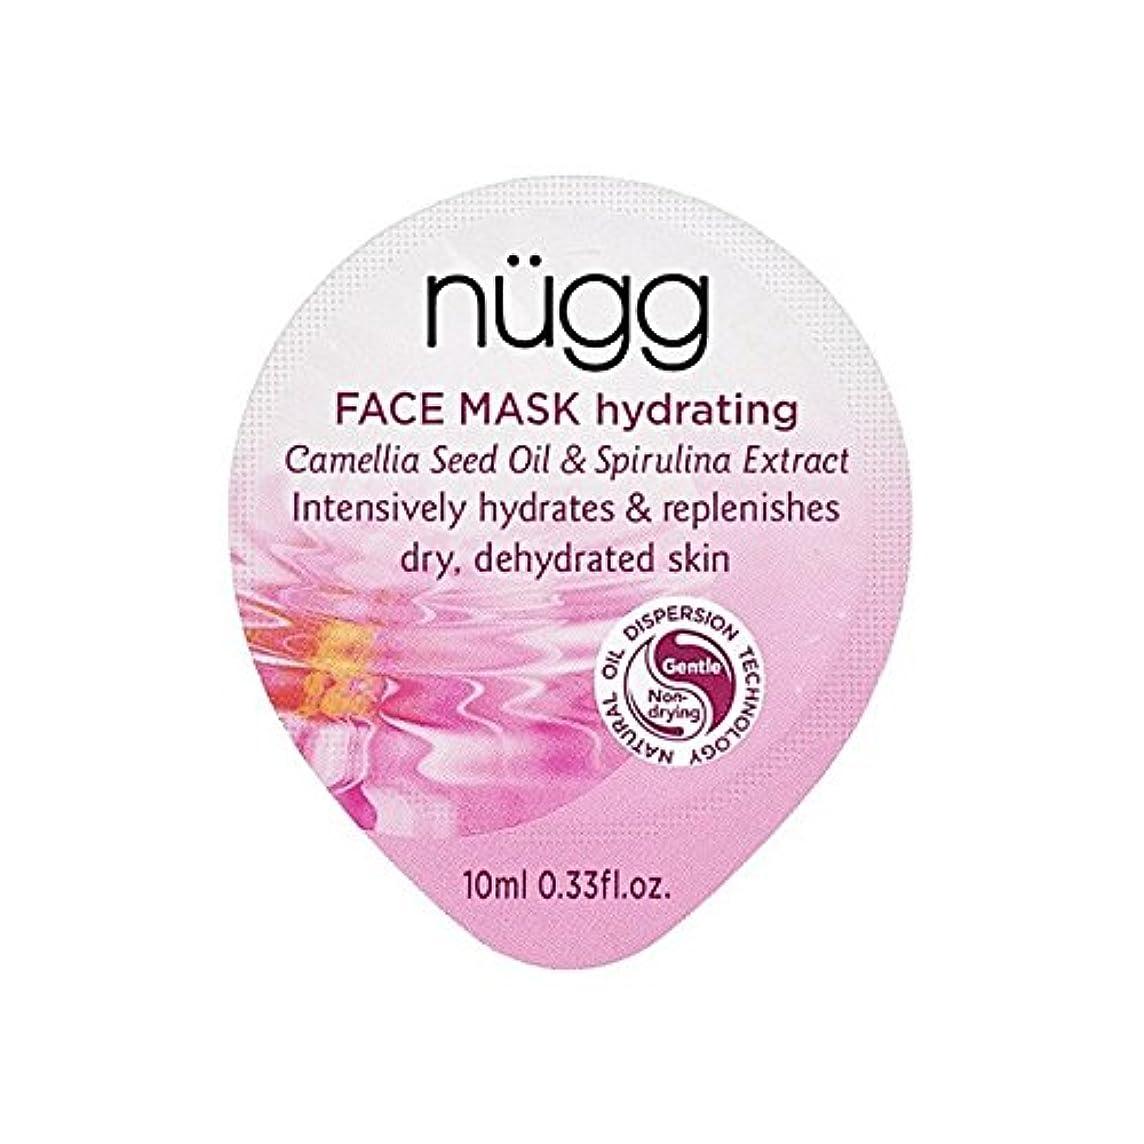 マカダム薄汚い一緒水和フェイスマスク x4 - Nugg Hydrating Face Mask (Pack of 4) [並行輸入品]